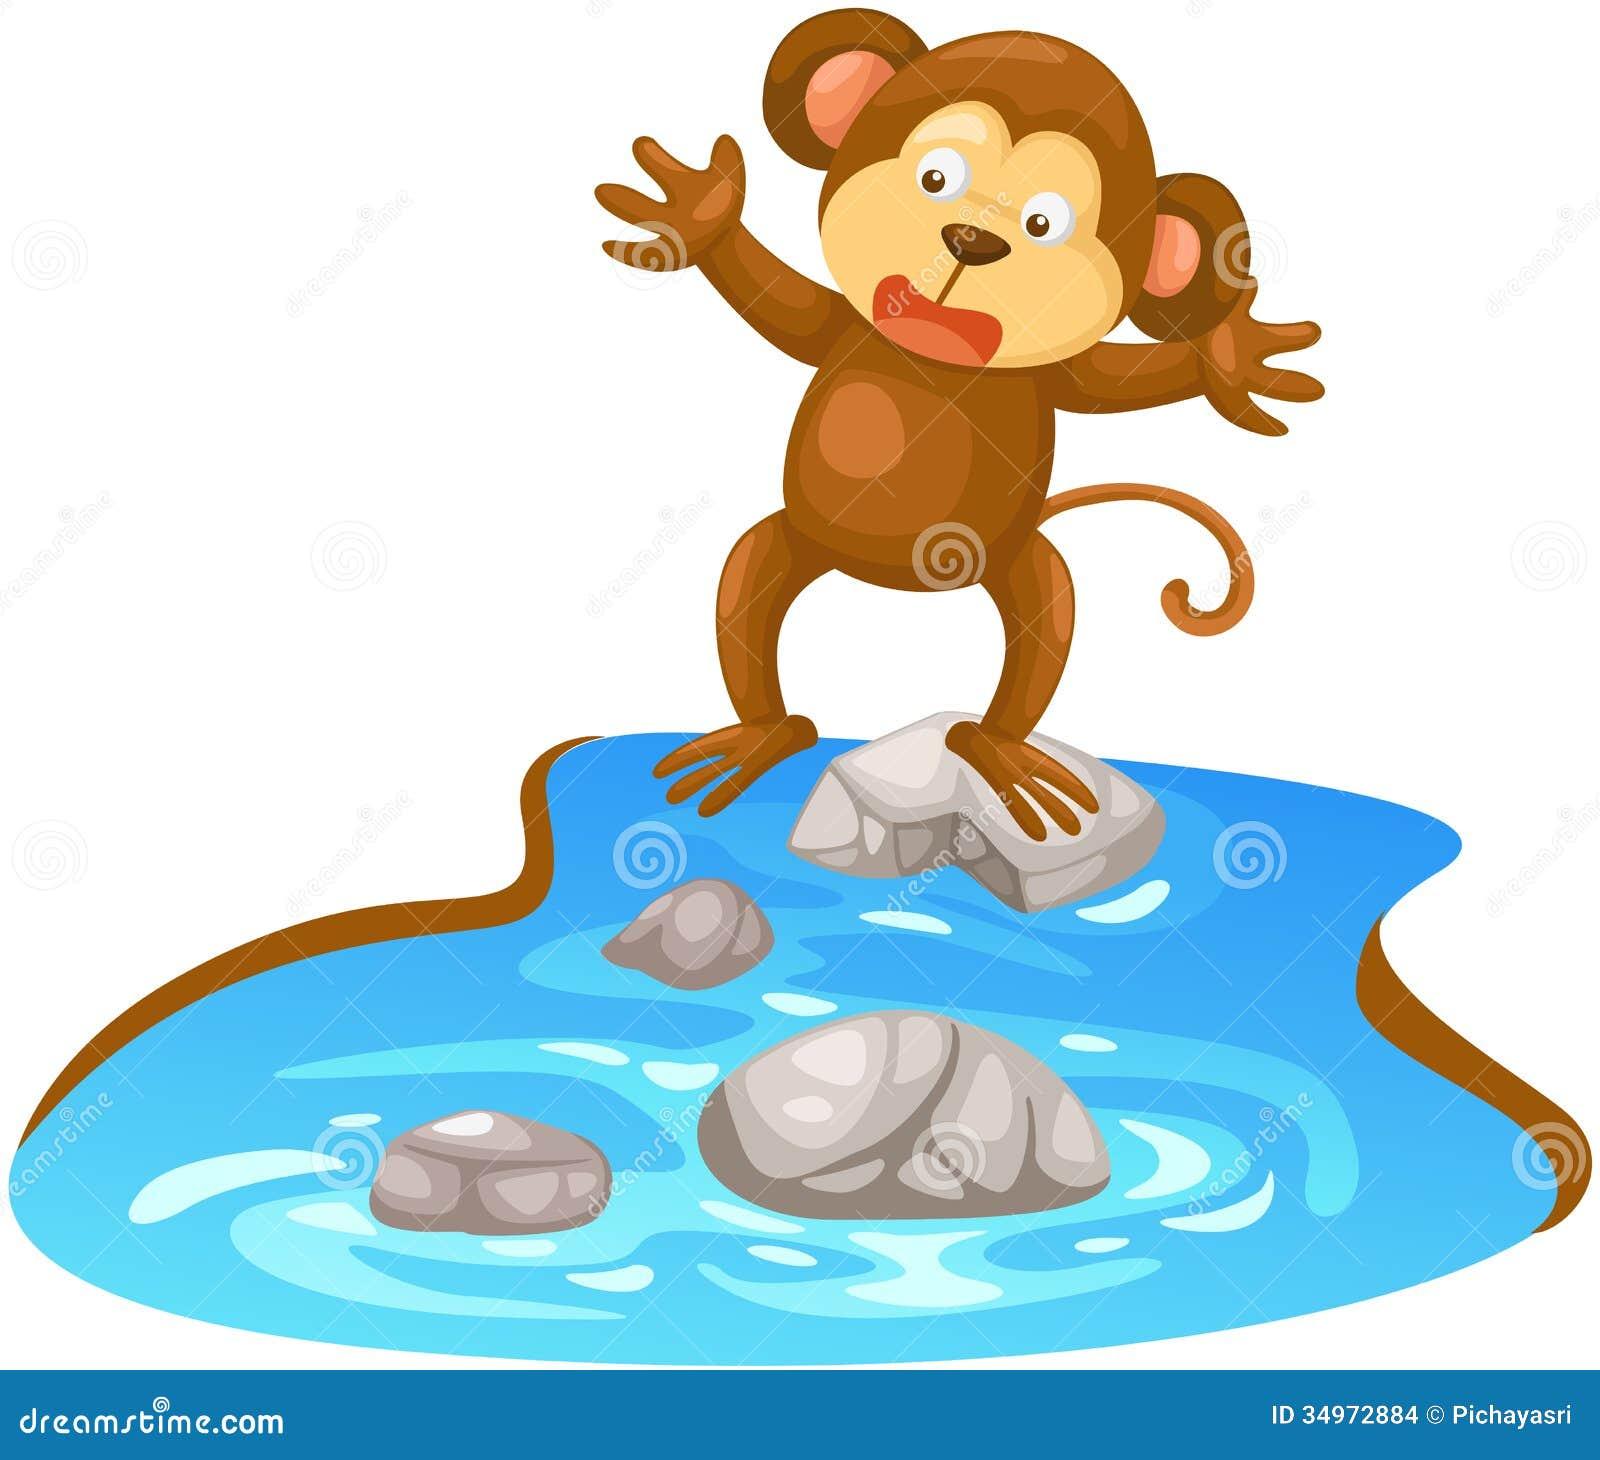 K Kutta Monkey Walk Download Monkey Walking Cross T...